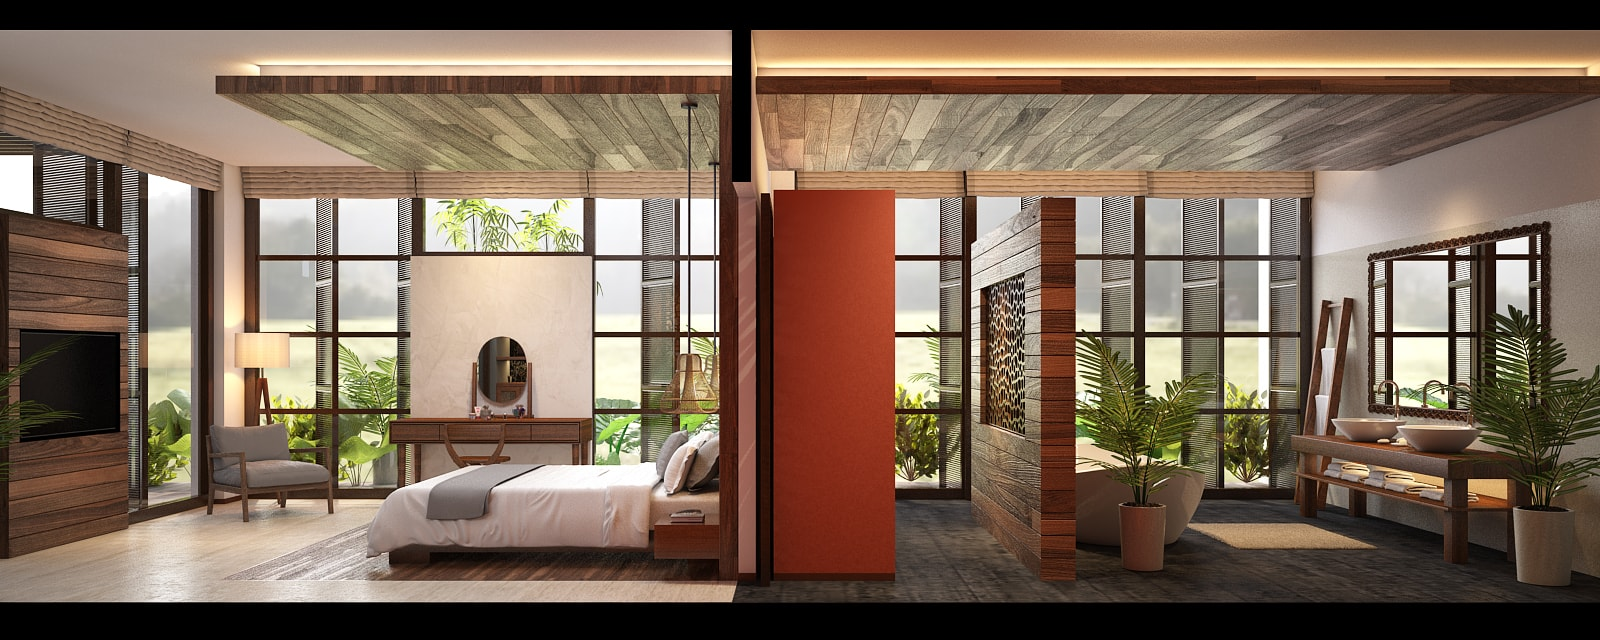 suite design cambodia